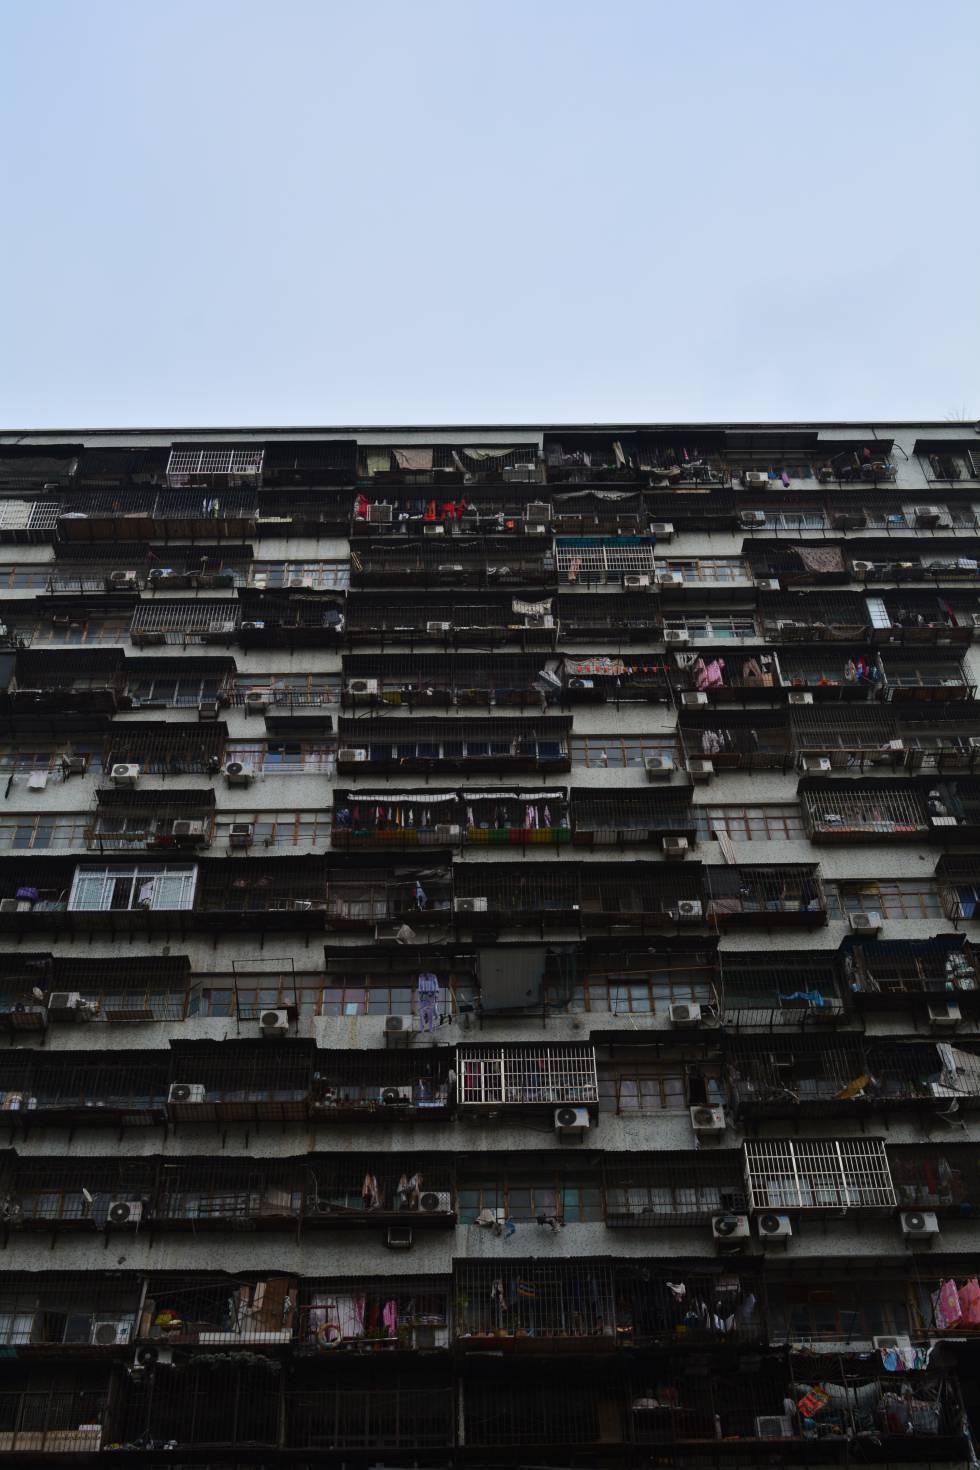 Retratos de Wuhan, una ciudad en cuarentena vista desde dentro